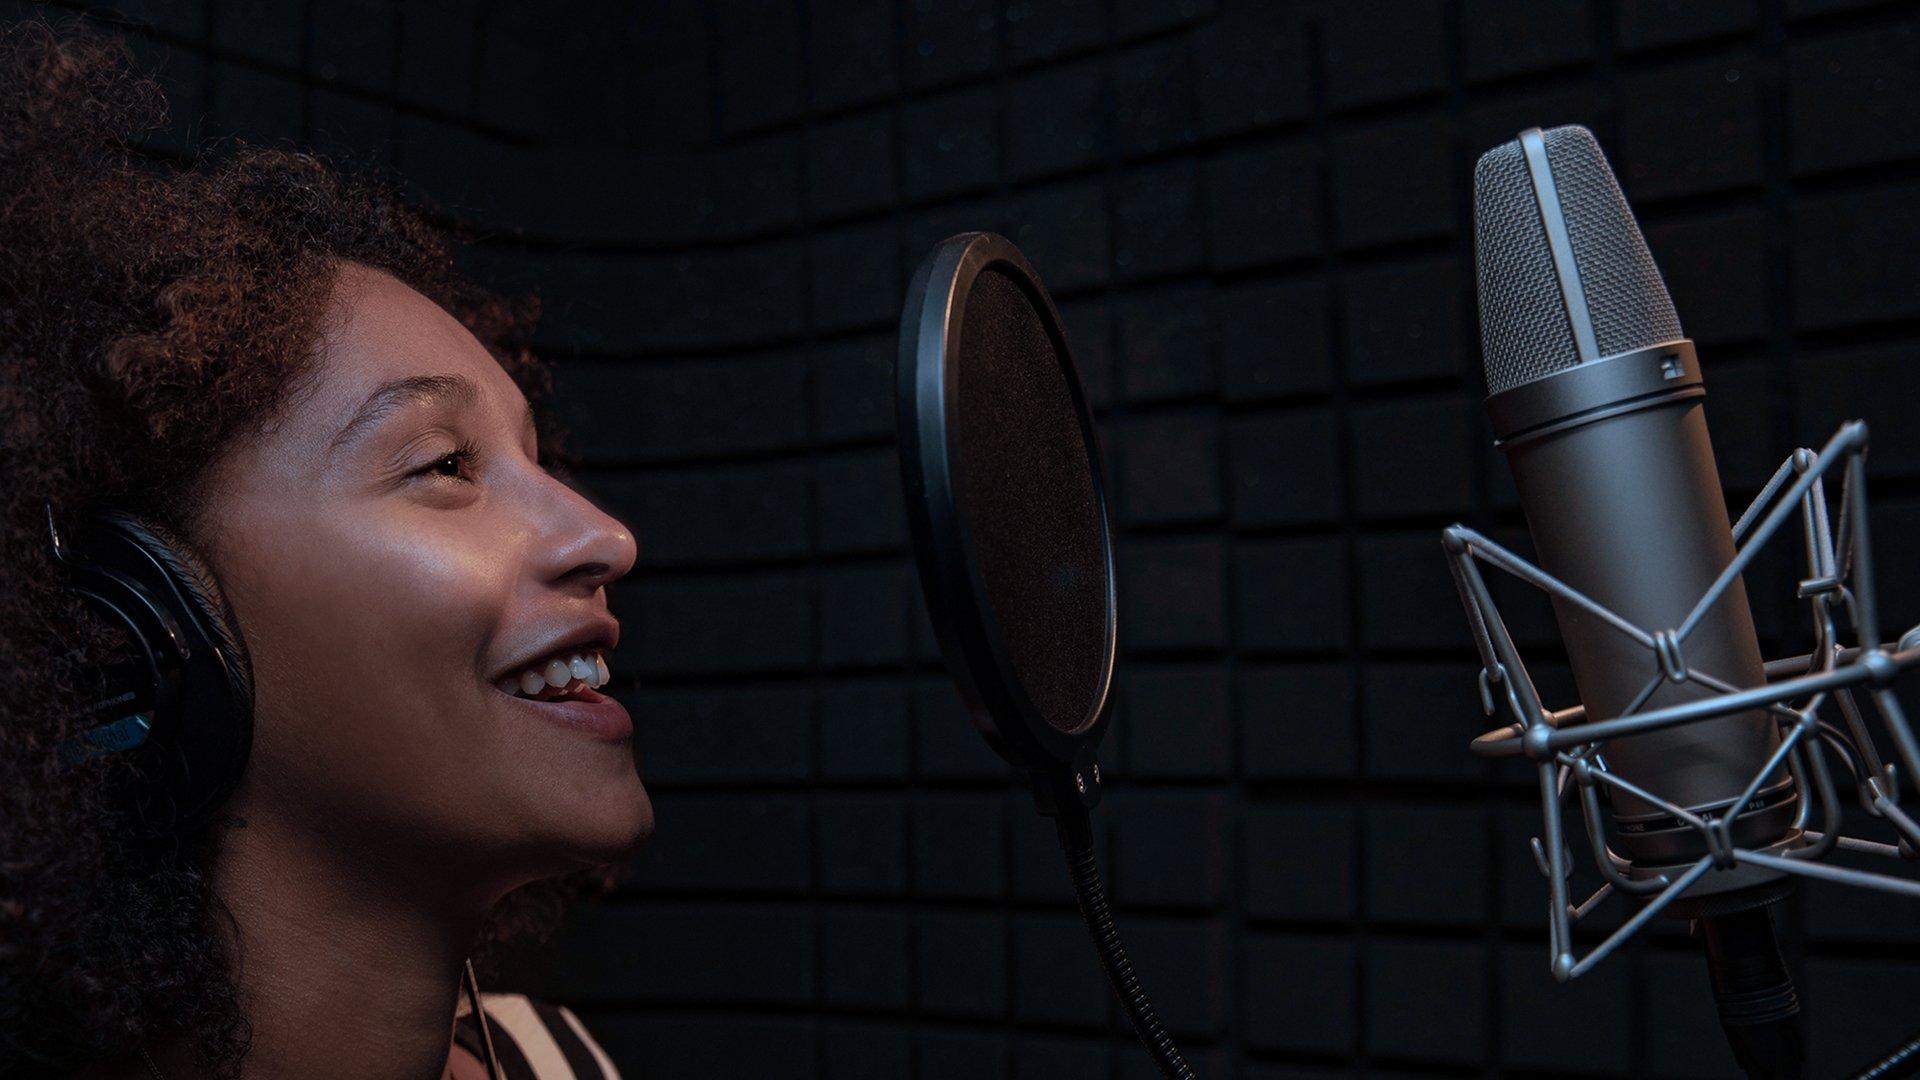 Chanteuse dans un studio d'enregistrement de musique - Hedayat Music